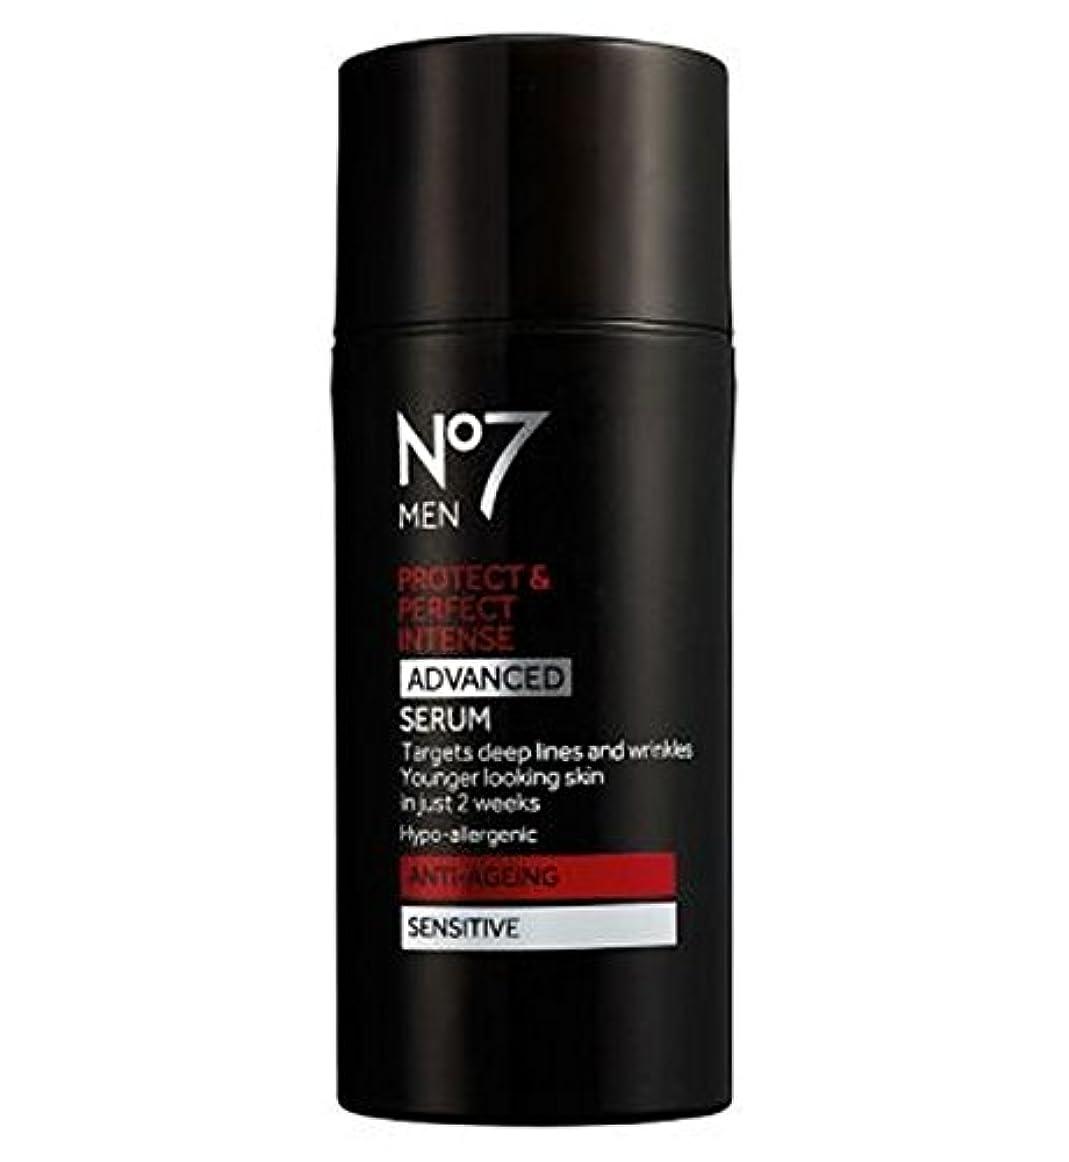 絶望クライマックス機構No7の男性は強烈な高度な血清を保護&完璧 (No7) (x2) - No7 Men Protect & Perfect Intense ADVANCED Serum (Pack of 2) [並行輸入品]